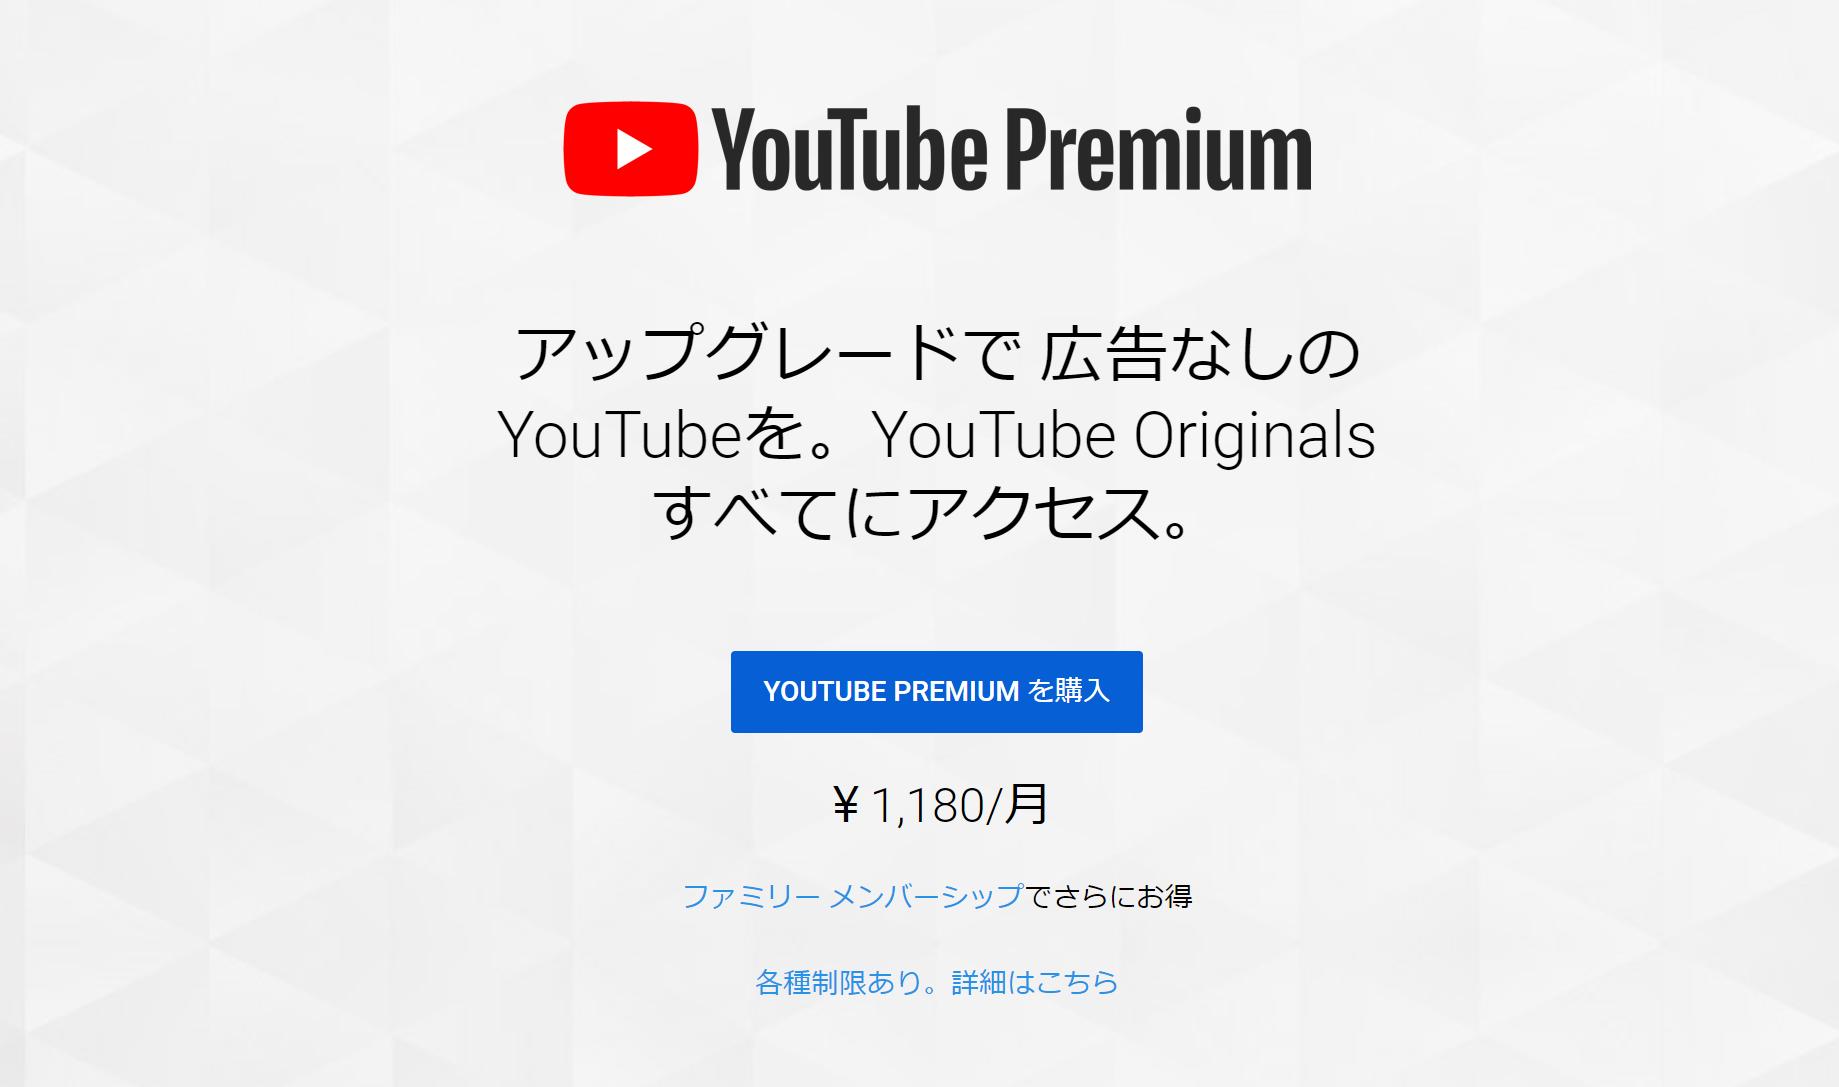 Youtube premium ファミリー